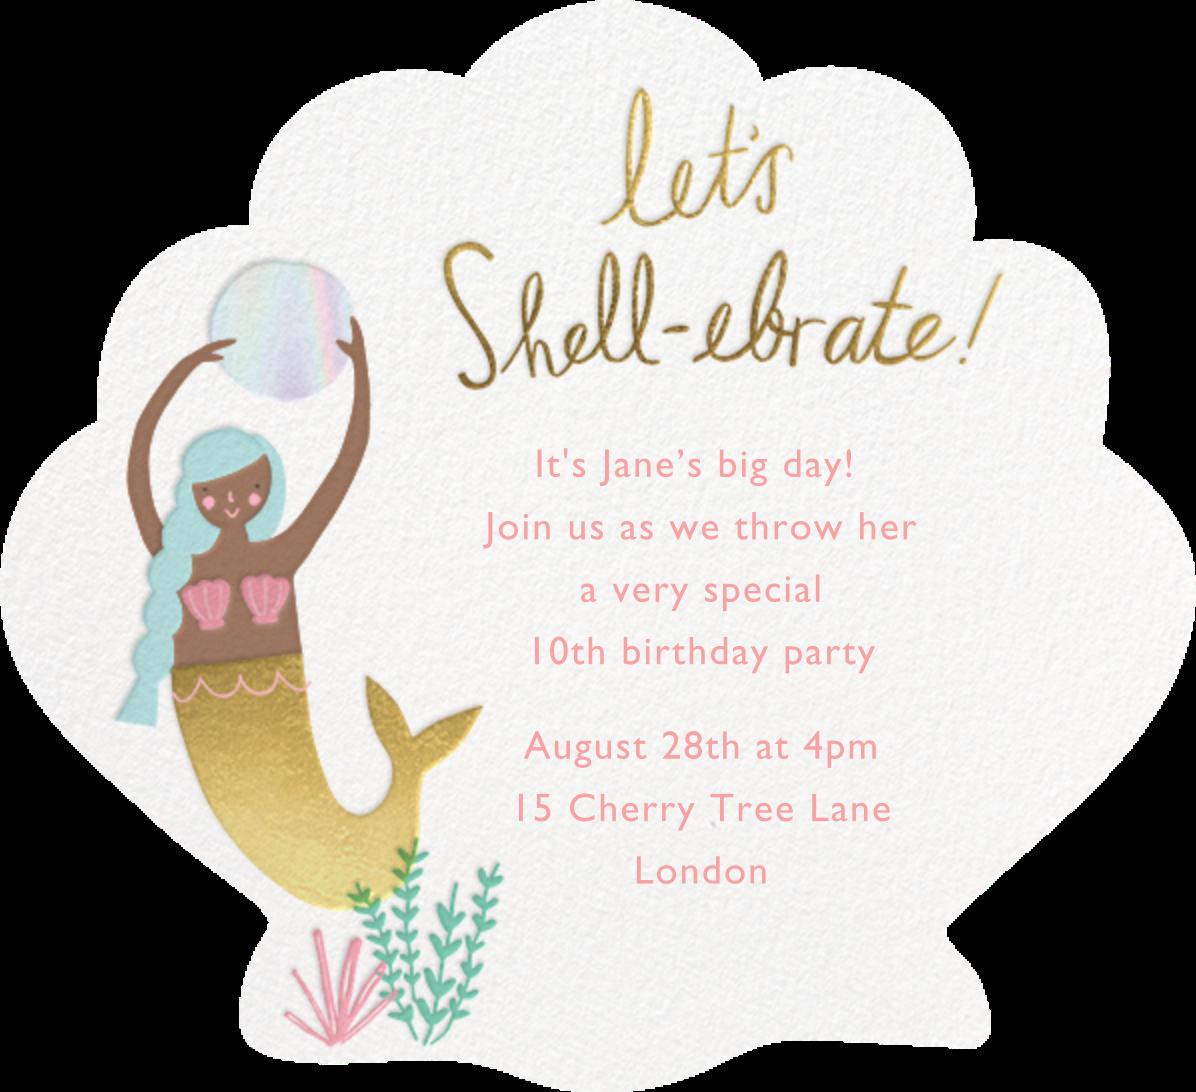 Let's Shellebrate - Mocha - Meri Meri - Kids' birthday - card back